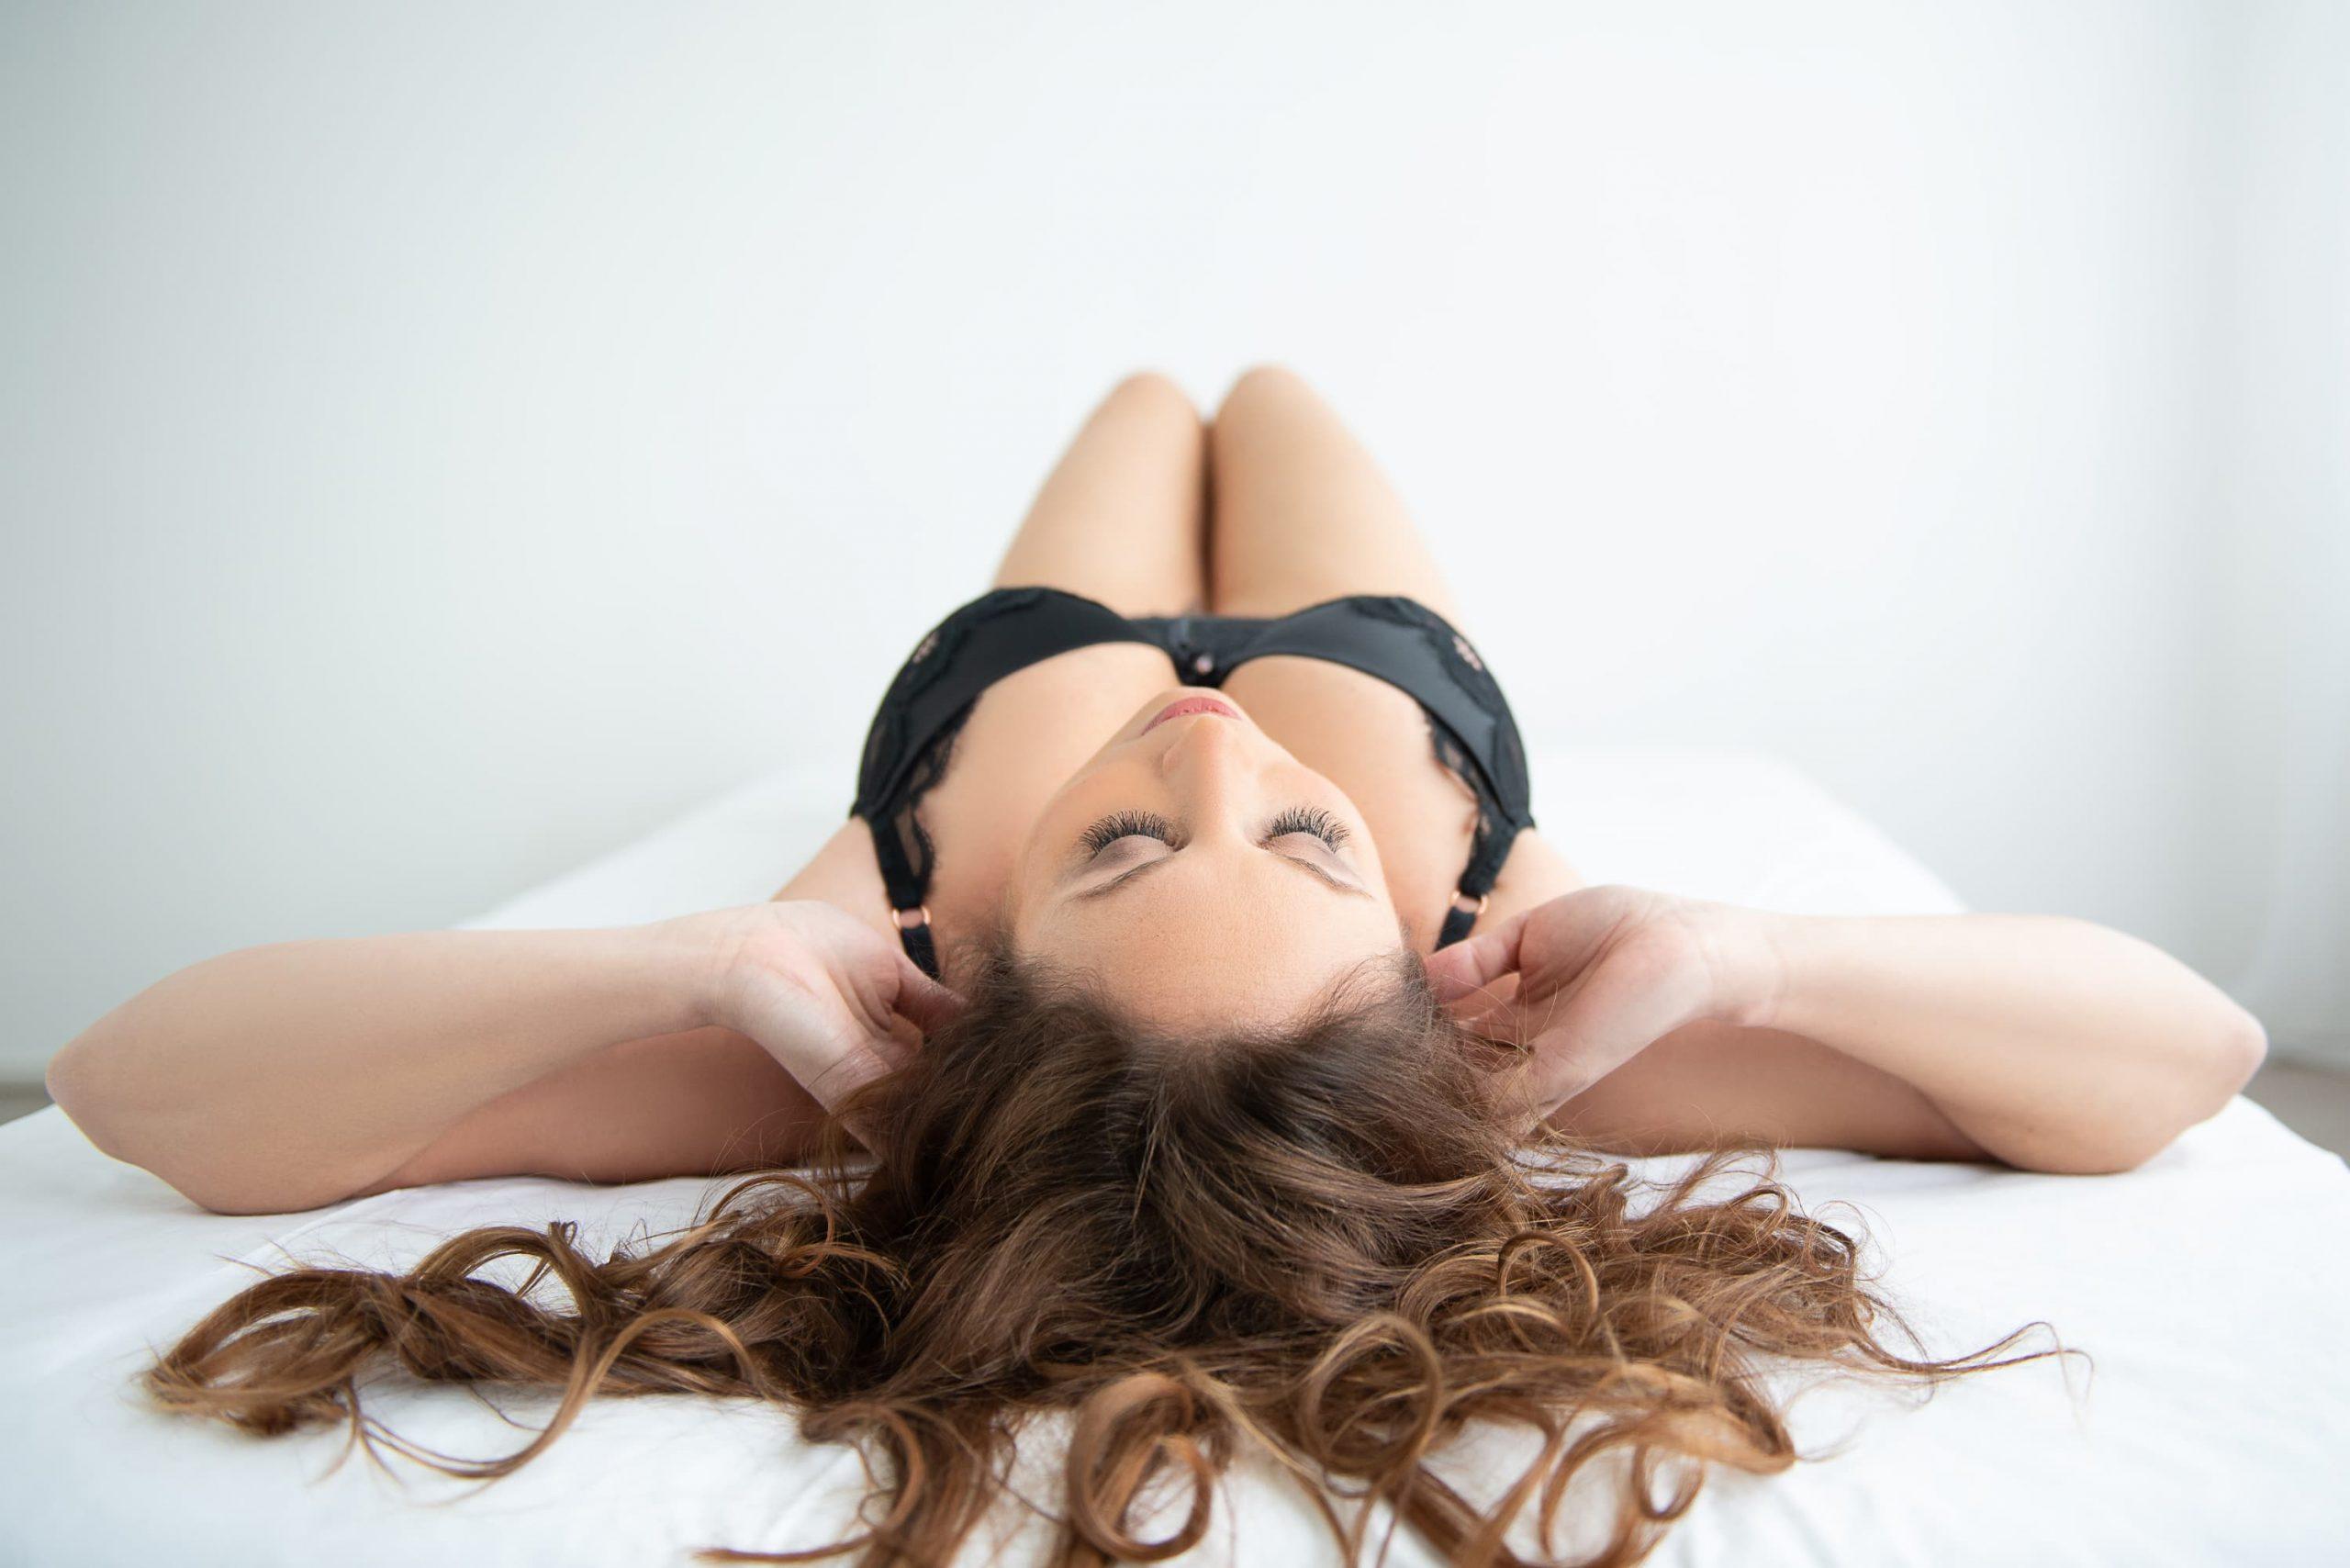 liggende vrouw in zwarte lingerie